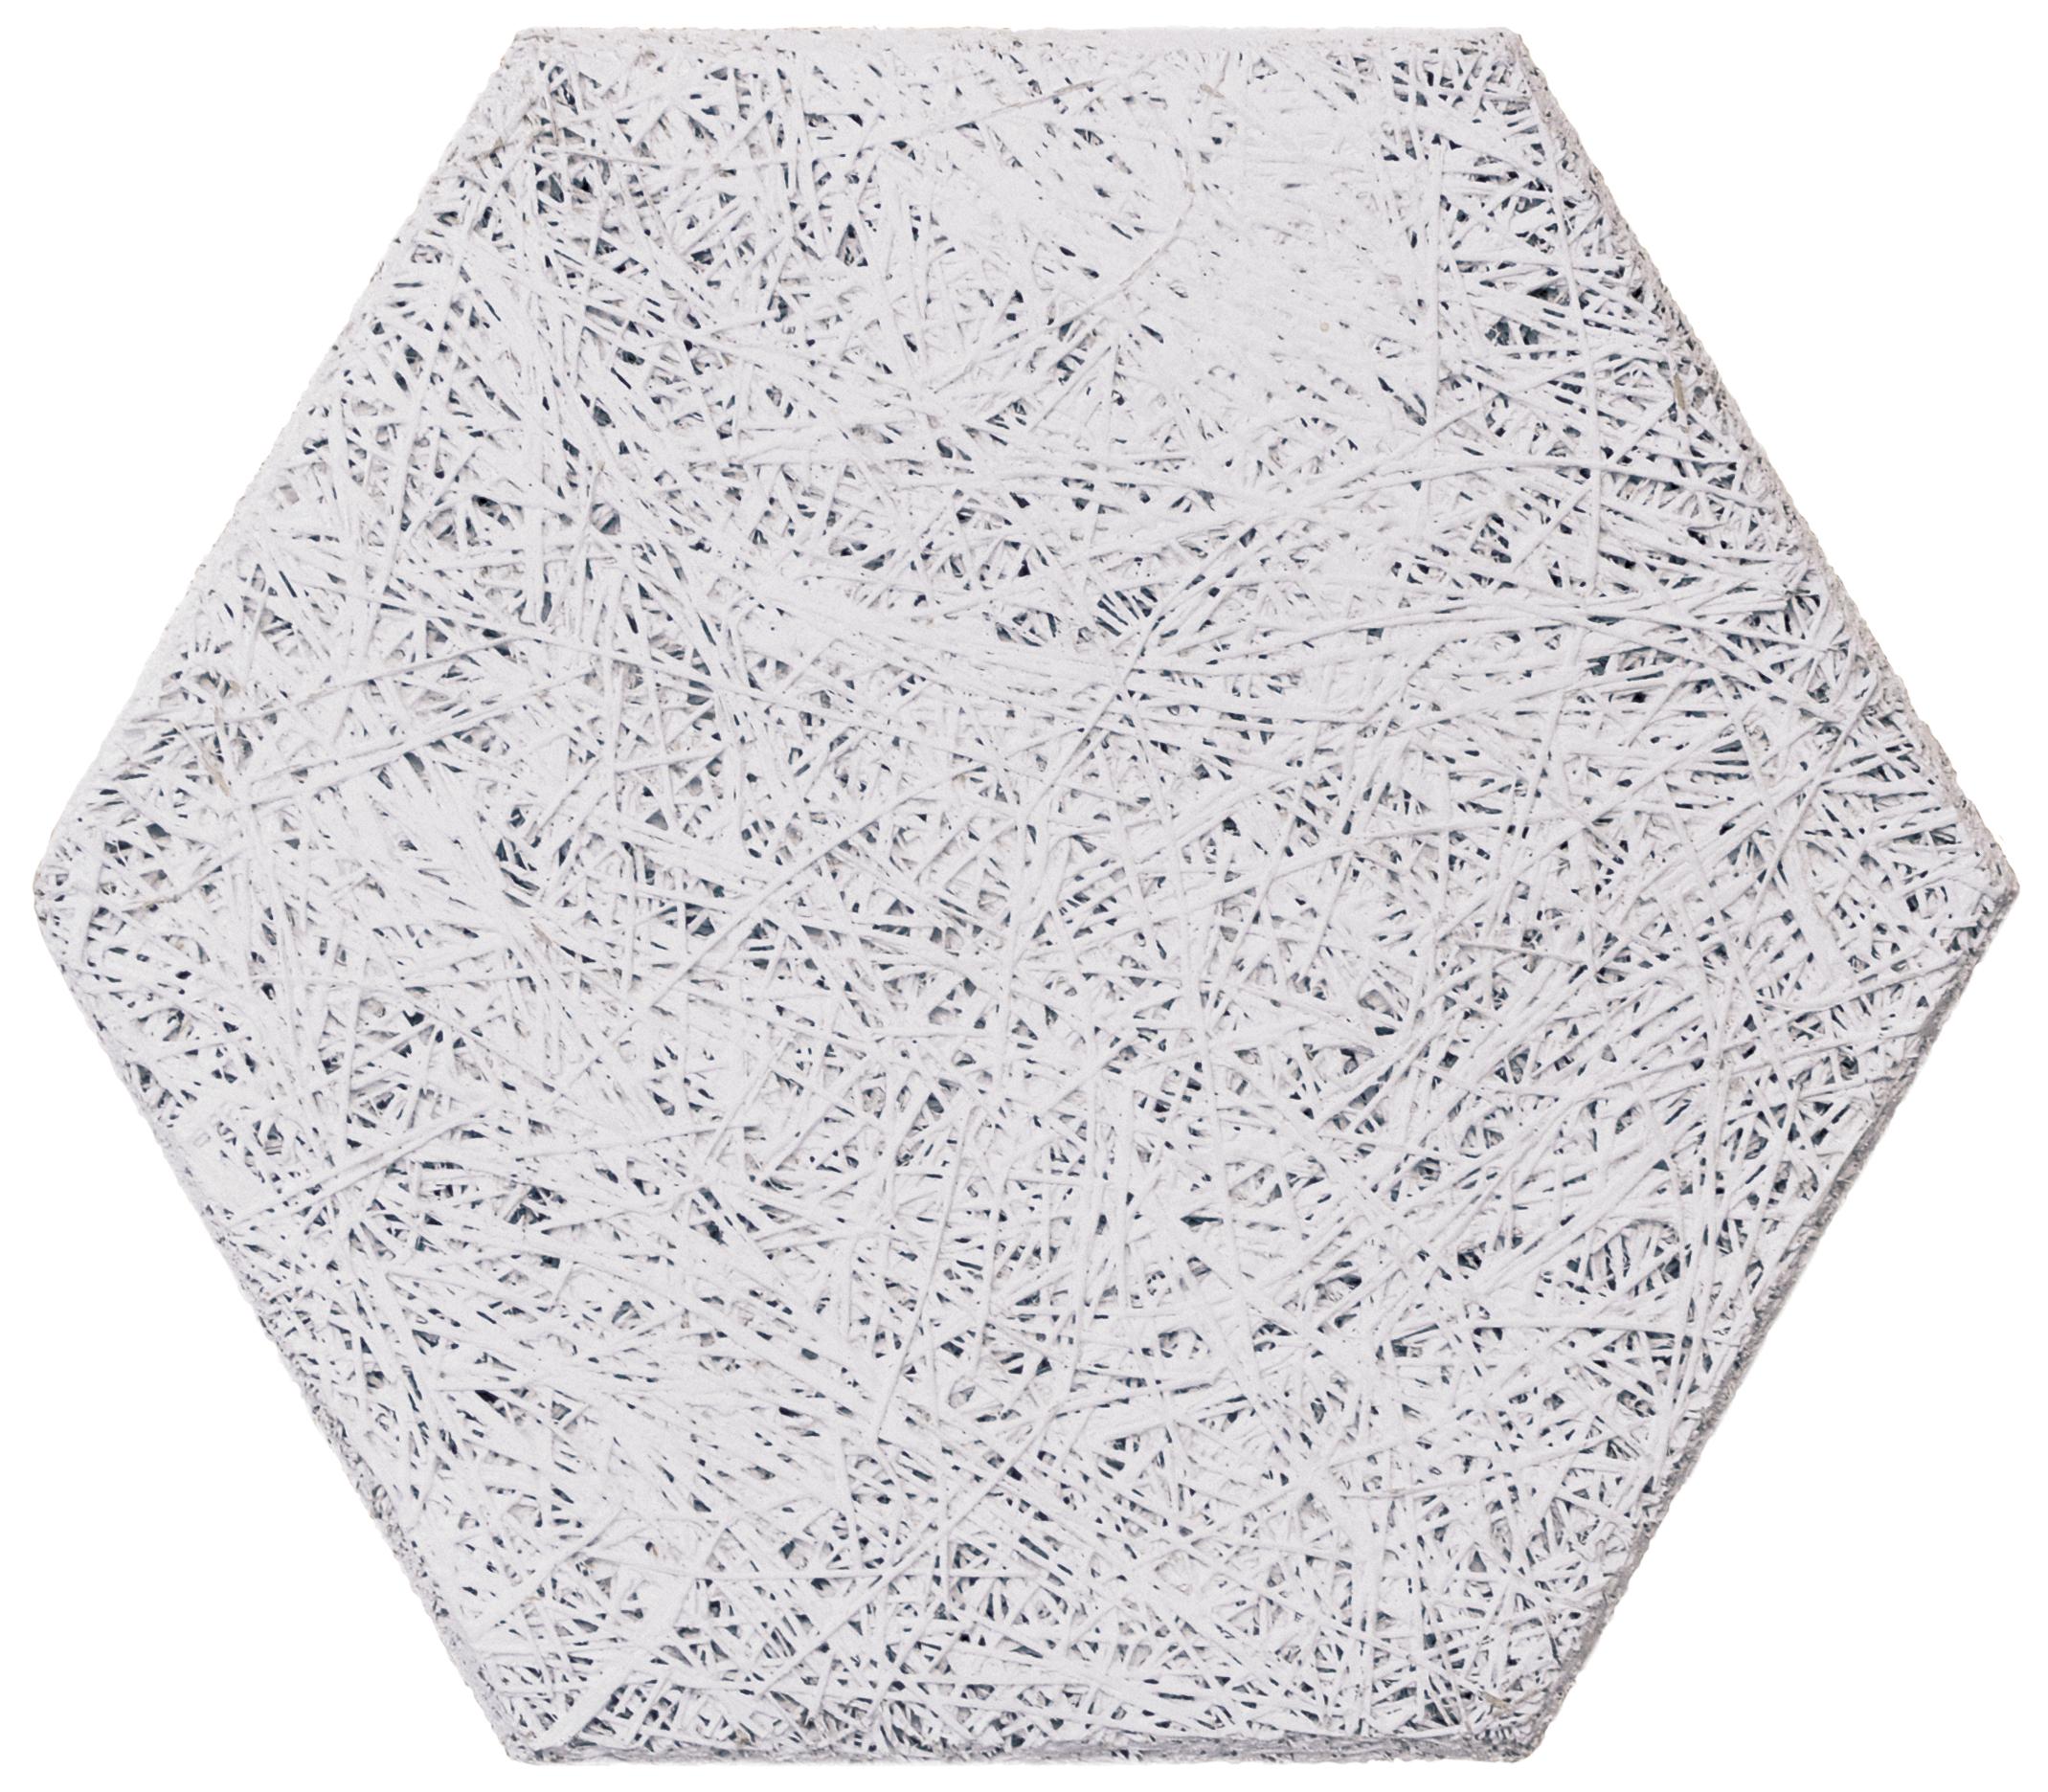 White Hexagon